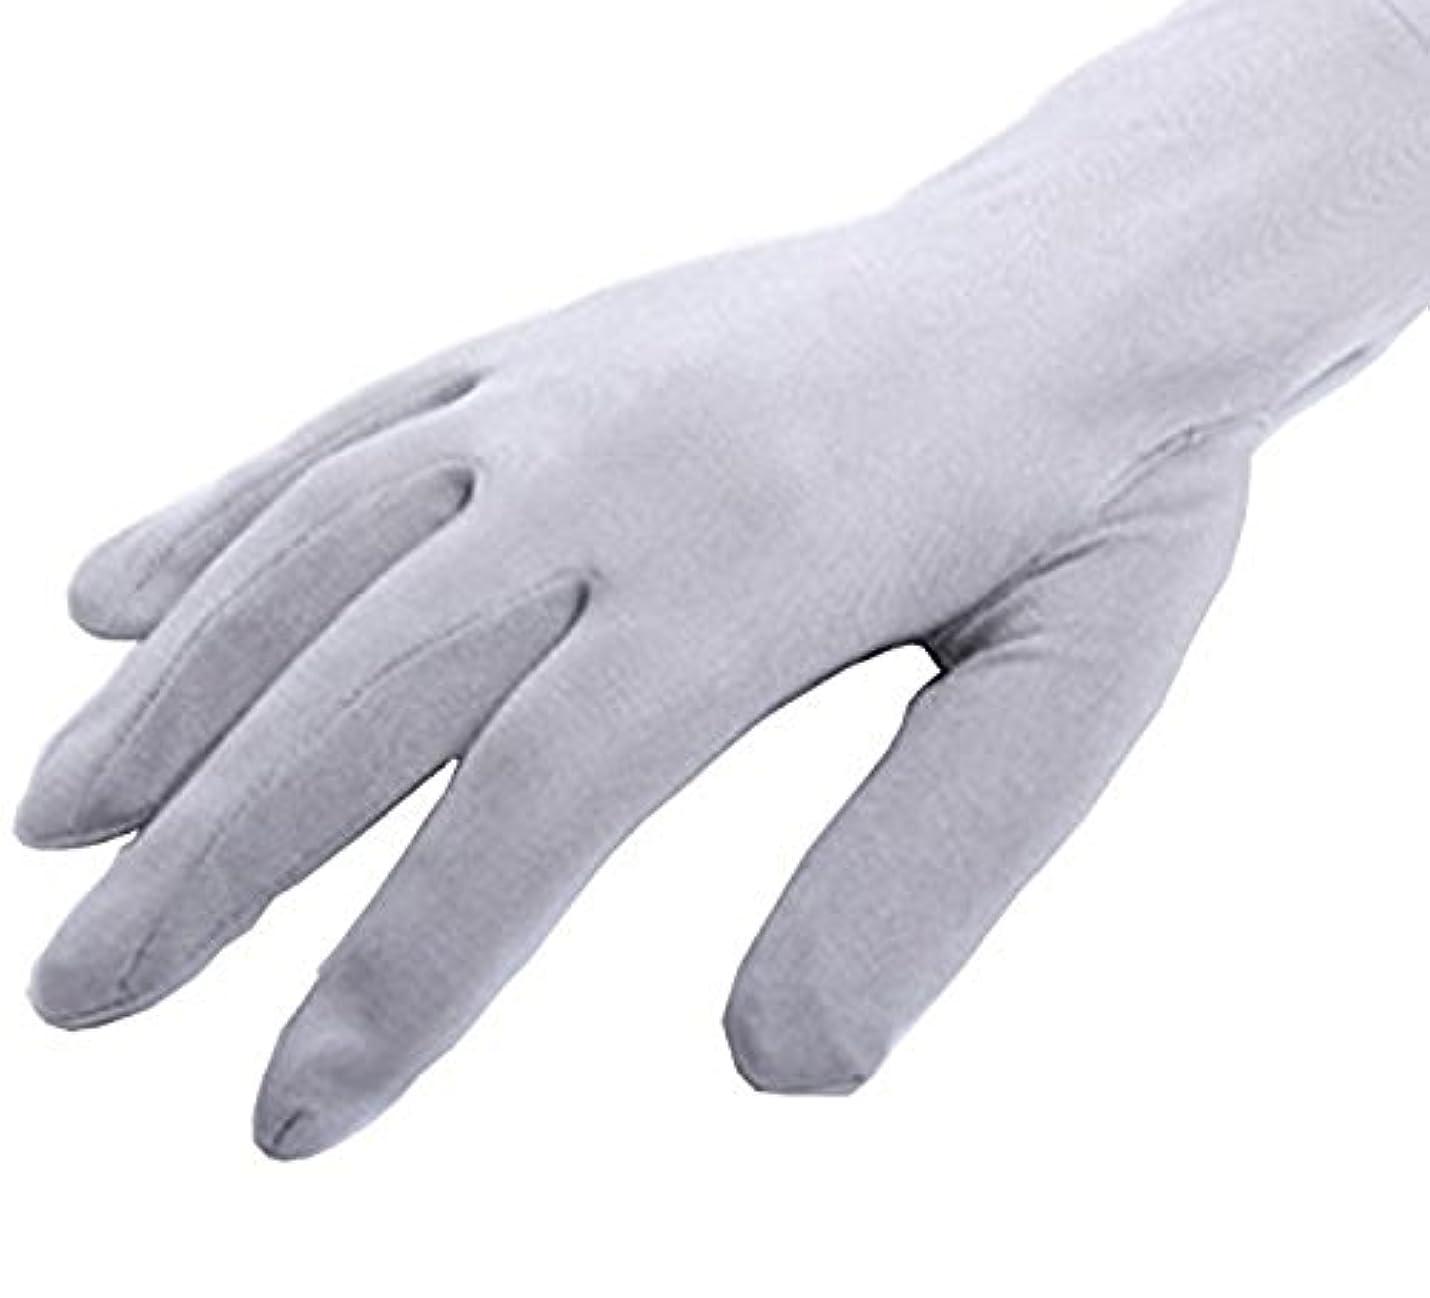 教欠伸下着CREPUSCOLO 手荒れ対策! シルク手袋 おやすみ 手袋 保湿ケア UVカット ハンドケア シルク100% 全7色 (ライトグレー)